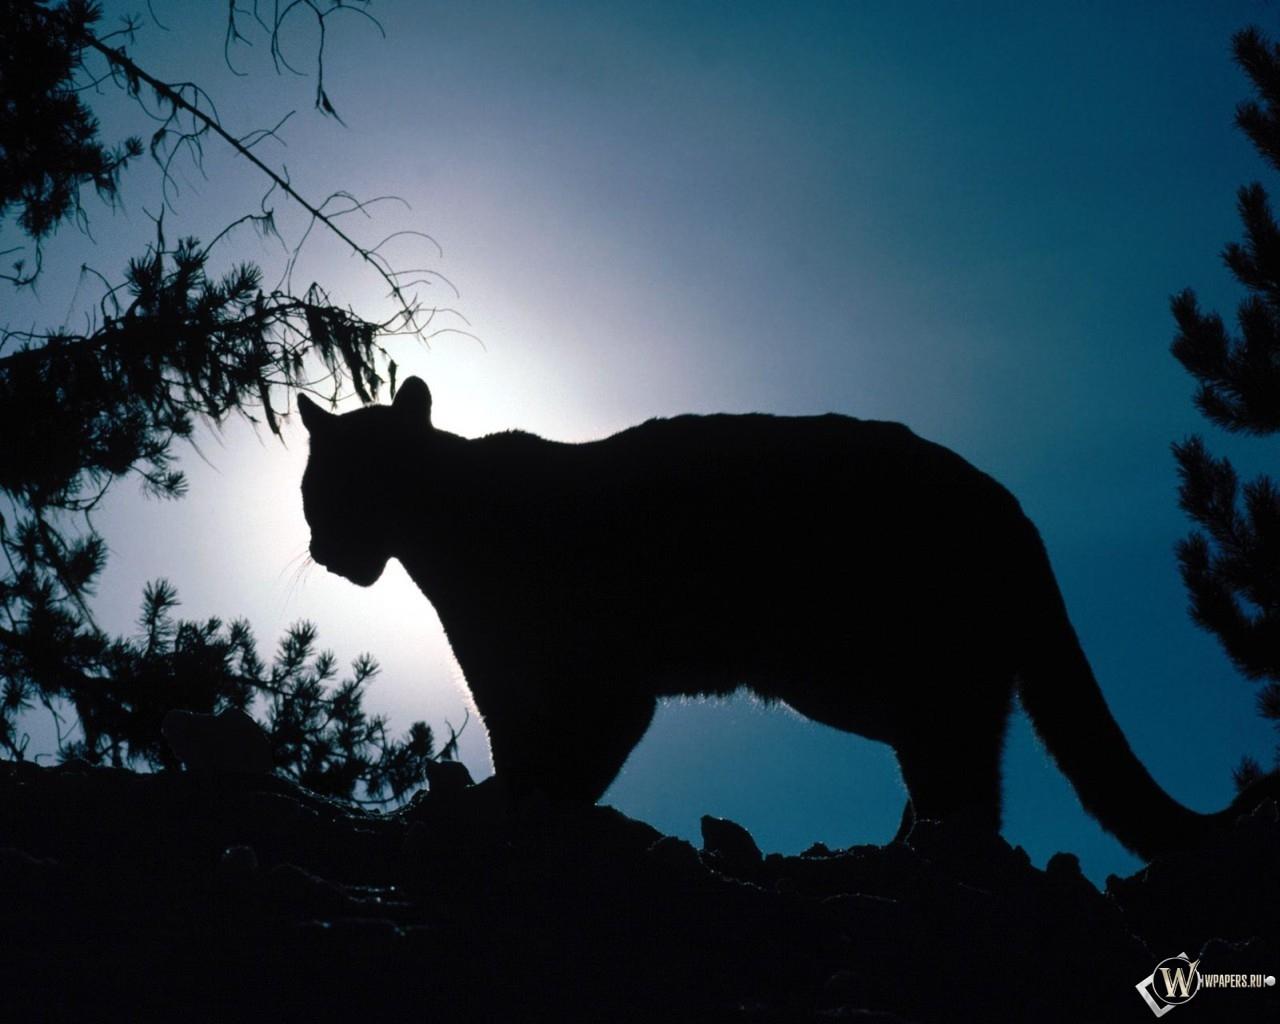 Леопард на фоне луны 1280x1024